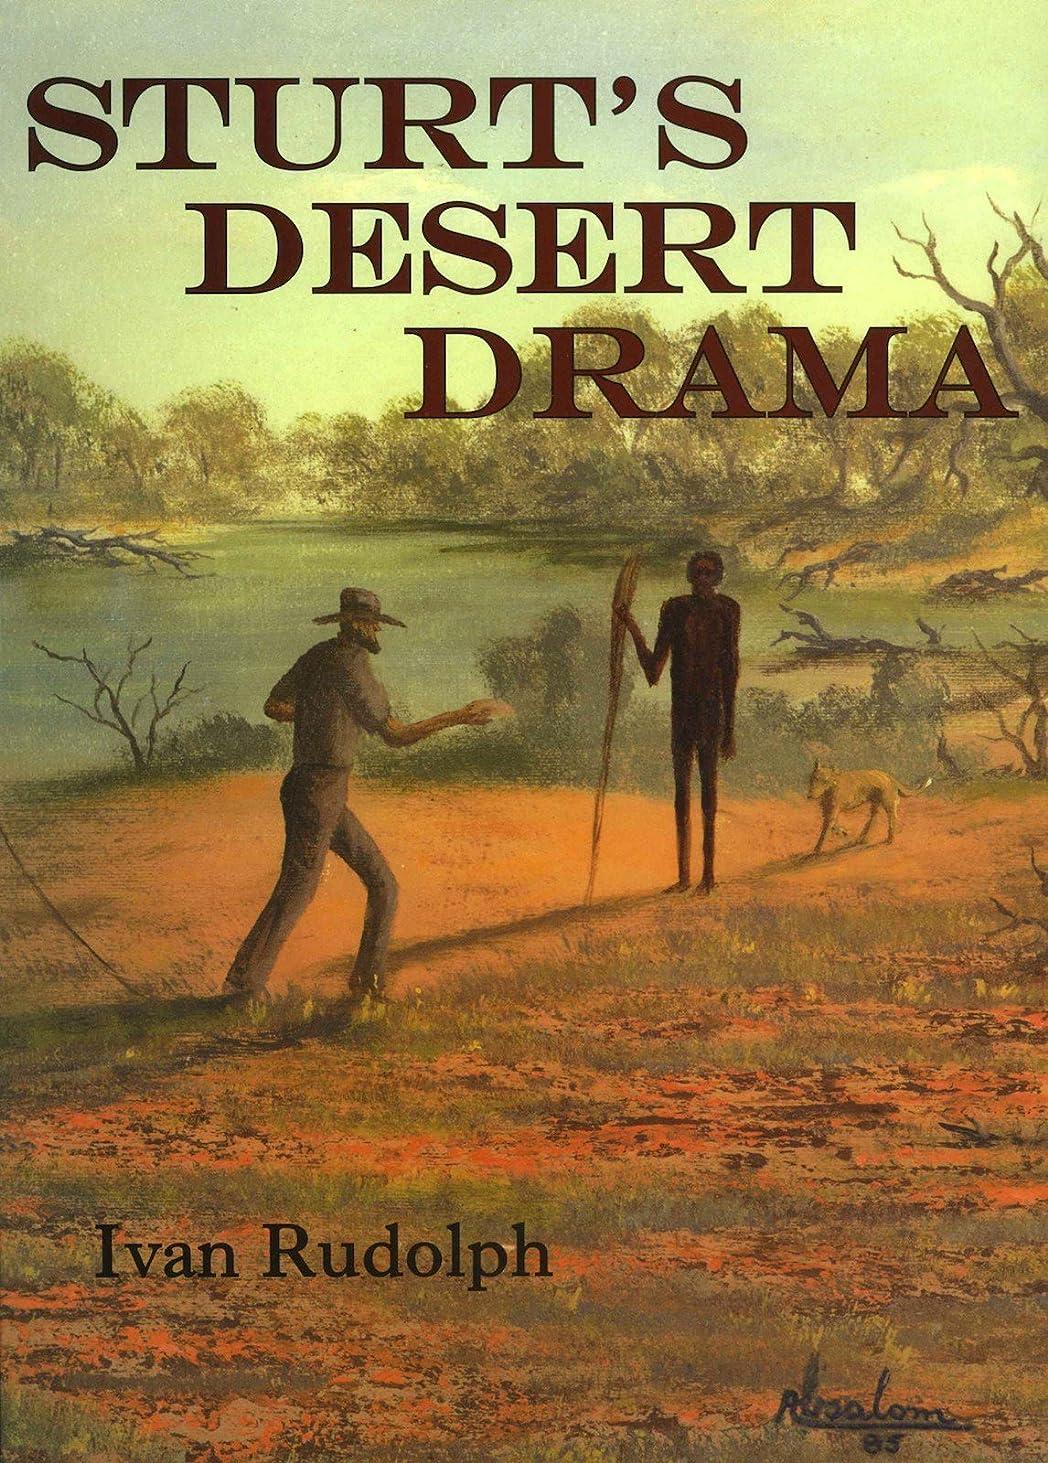 クライストチャーチビートねじれSturt's Desert Drama (English Edition)